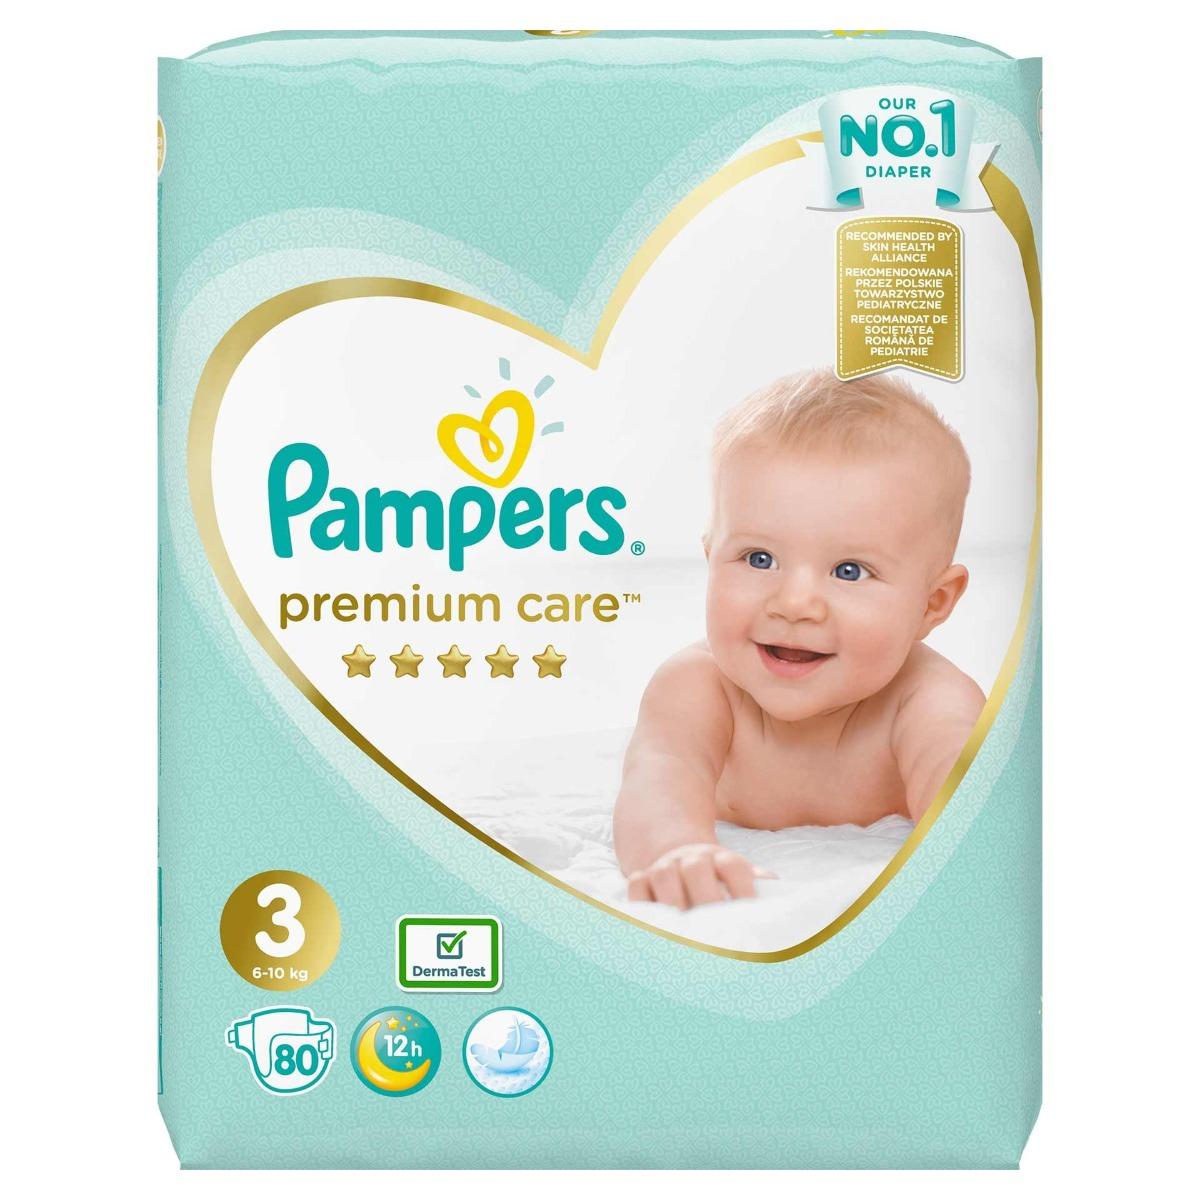 Scutece Premium Care Jumbo Pack marimea 3 pentru 6-10kg, 80 bucati, Pampers